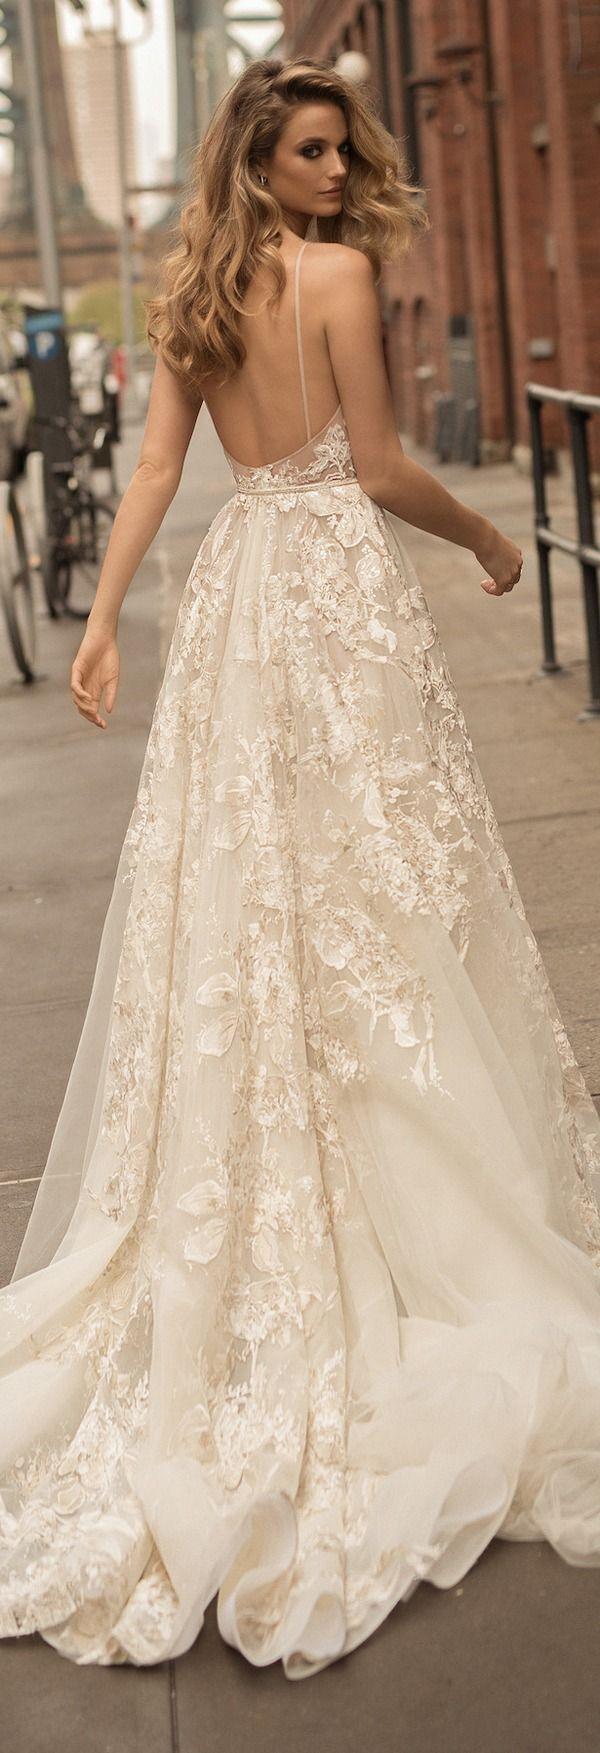 Berta Spring Wedding Dresses 2018 /  / http://www.deerpearlflowers.com/best-wedding-dresses-2018/